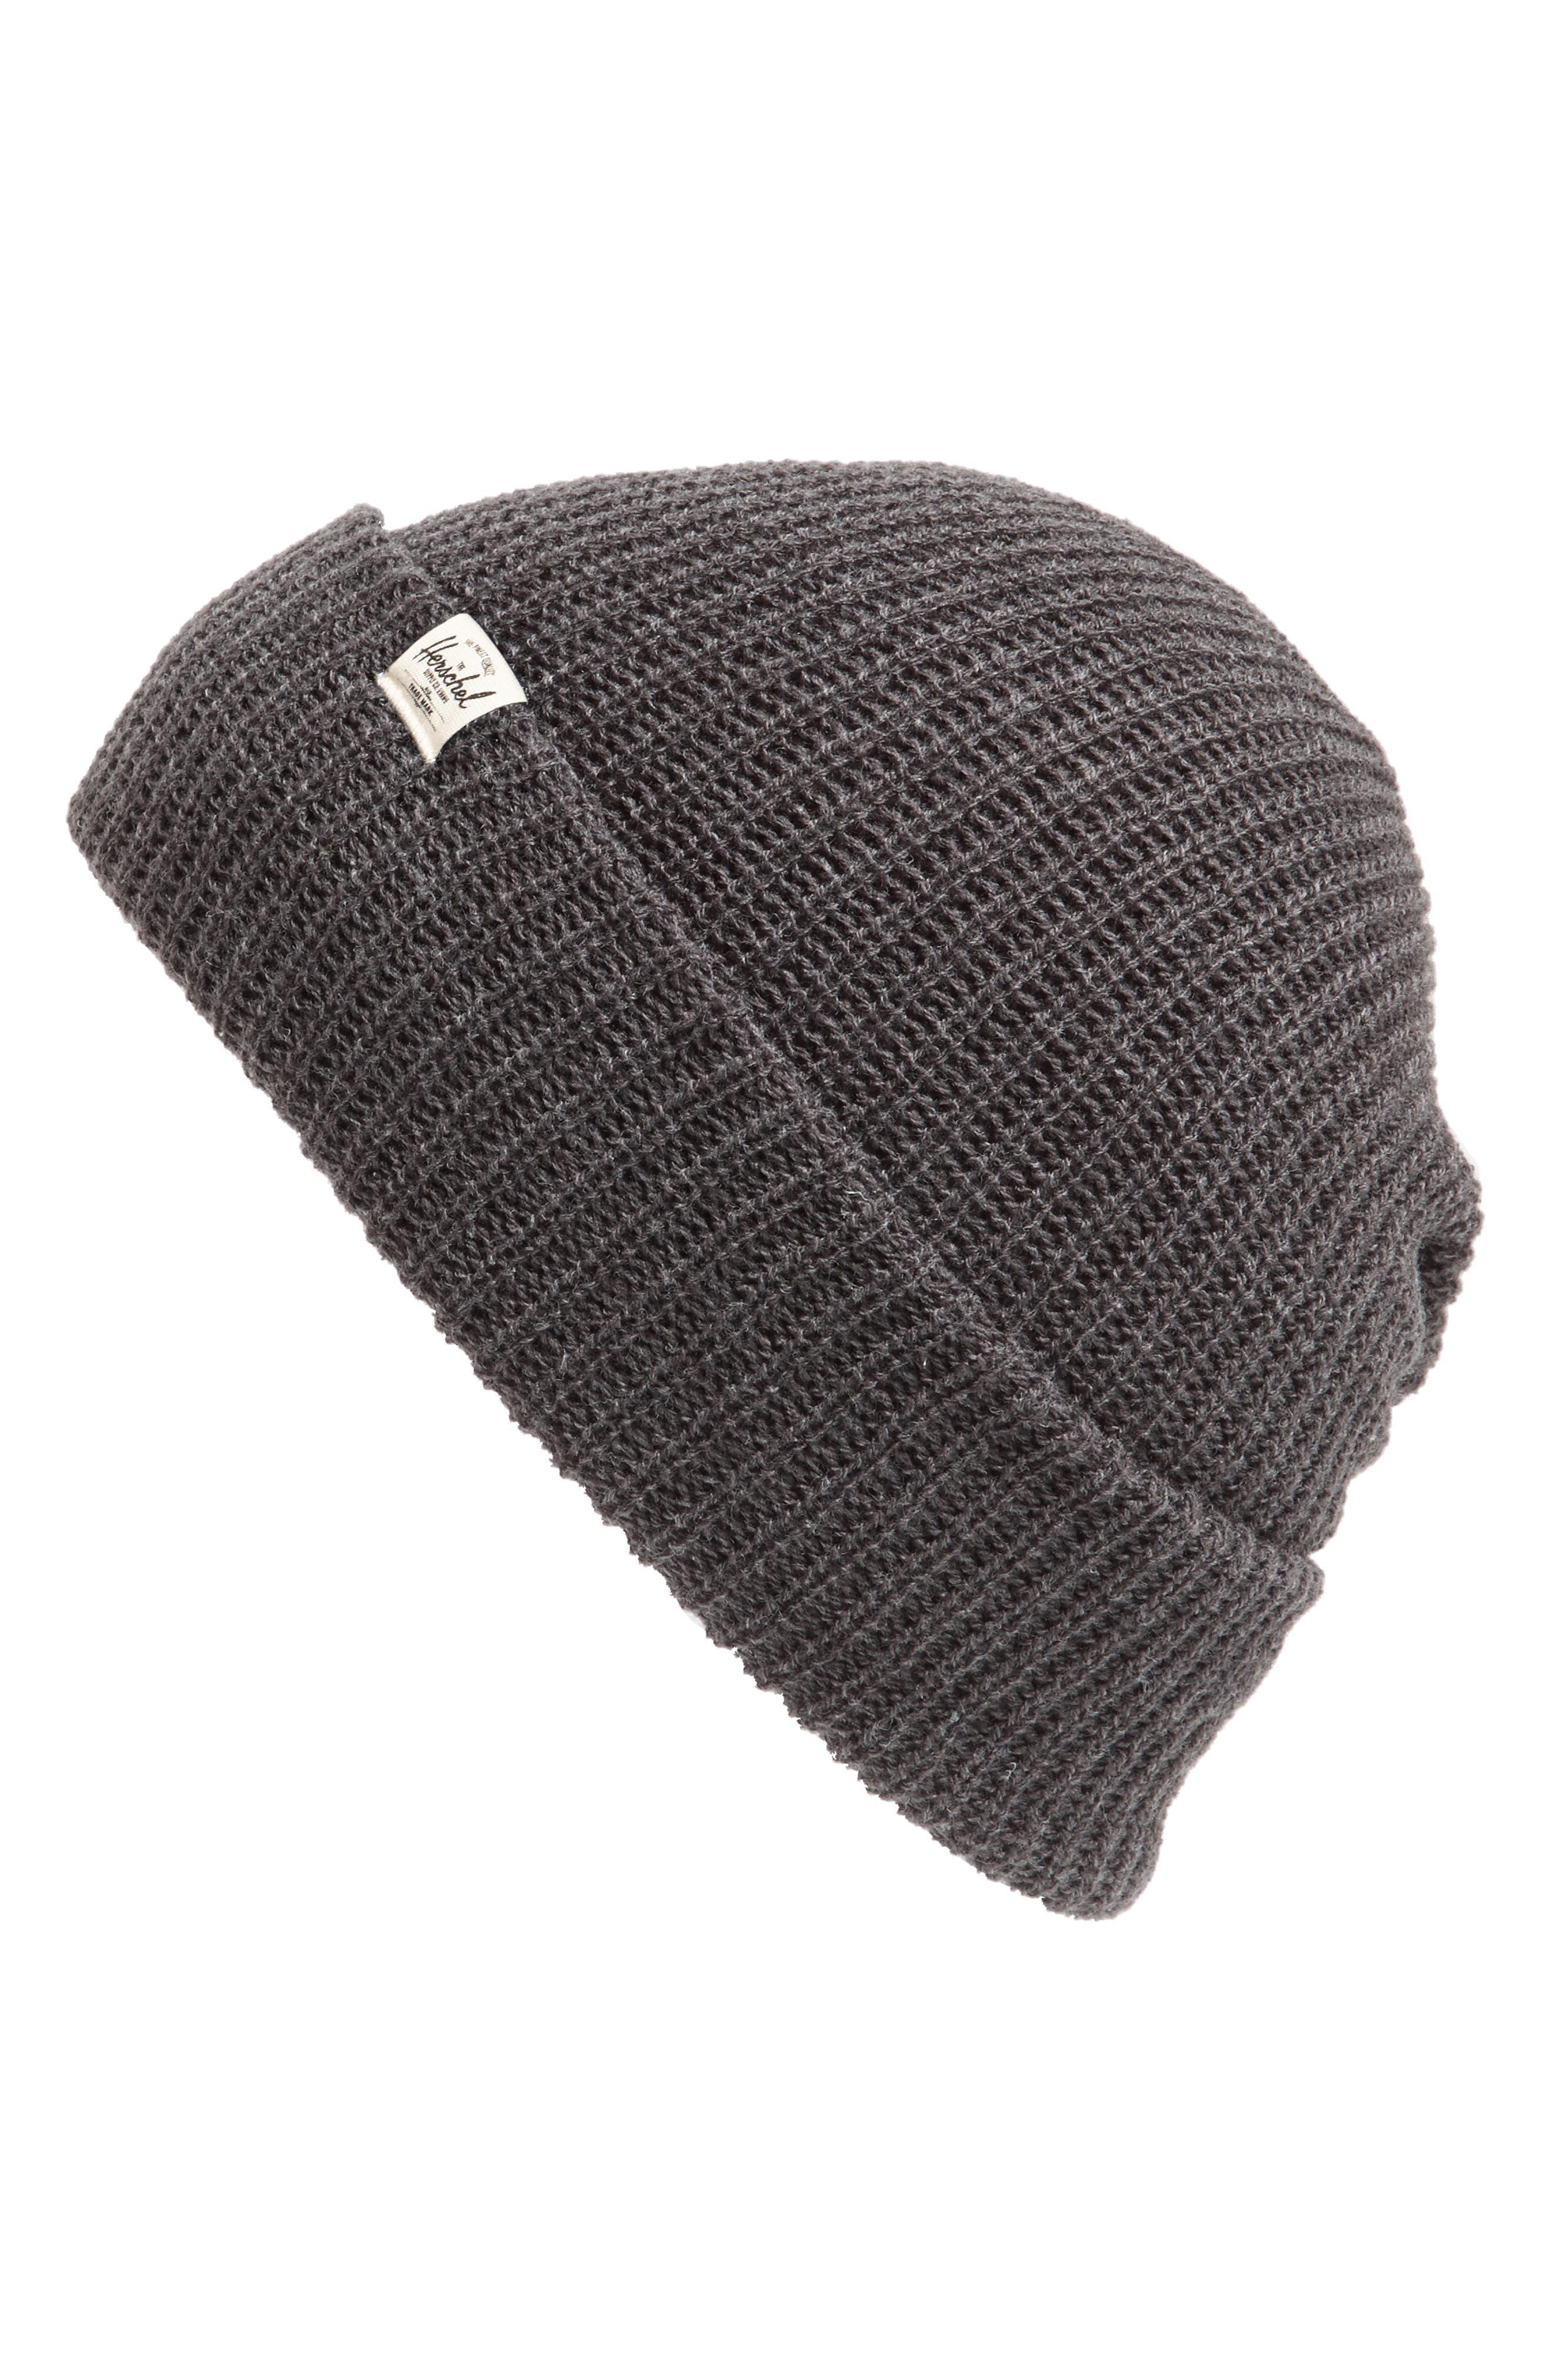 'Quartz' Solid Knit Cap,                         Main,                         color, 033